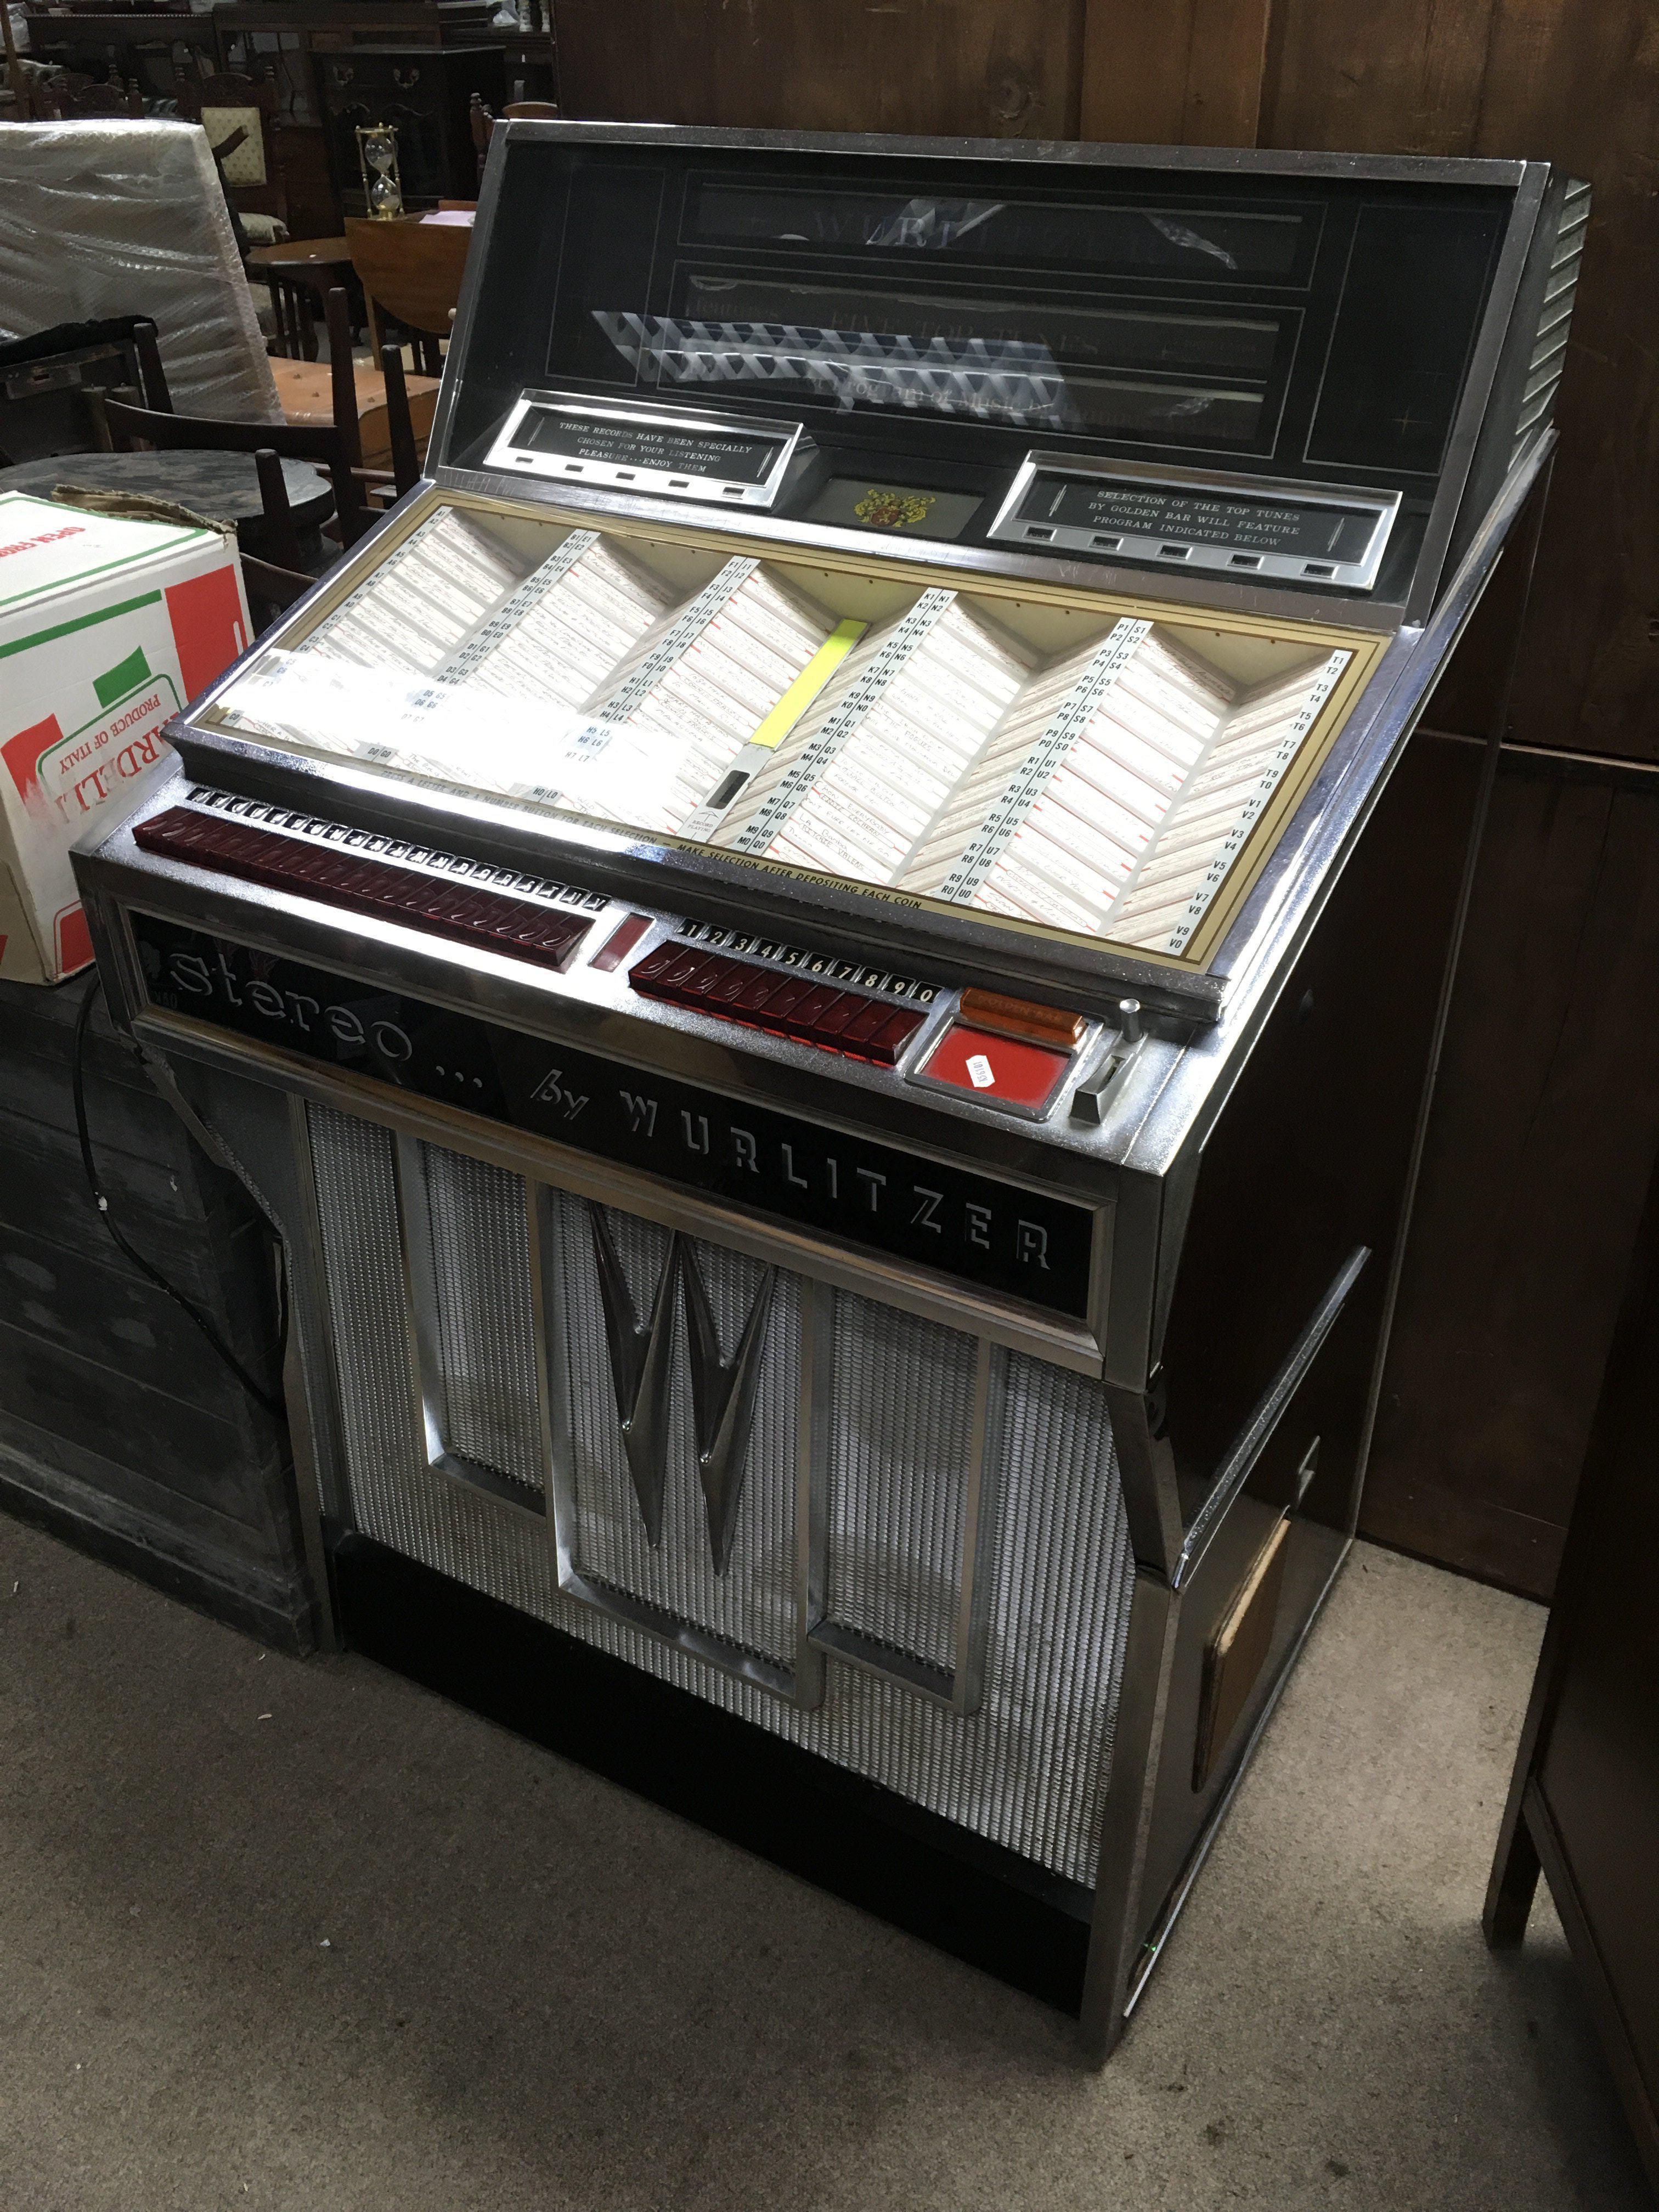 A Wurlitzer jukebox, circa 1966, serial number 598508